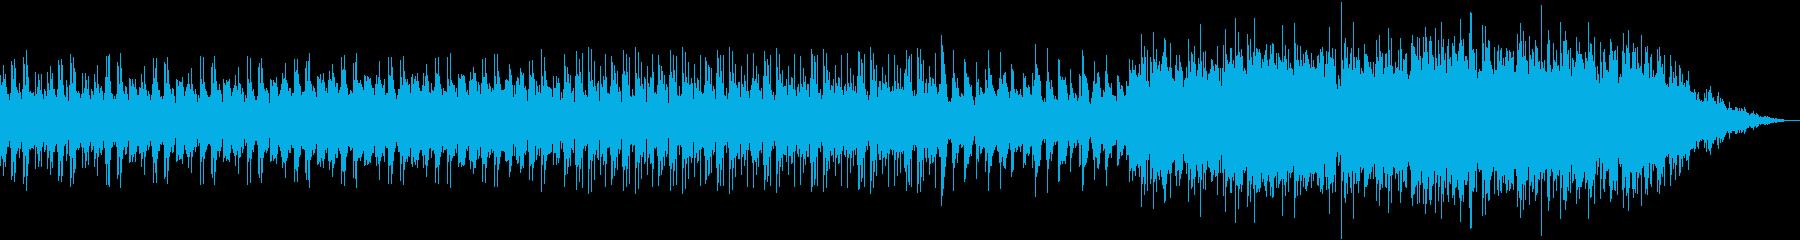 ハッピーエンド風の優しいバラードの再生済みの波形